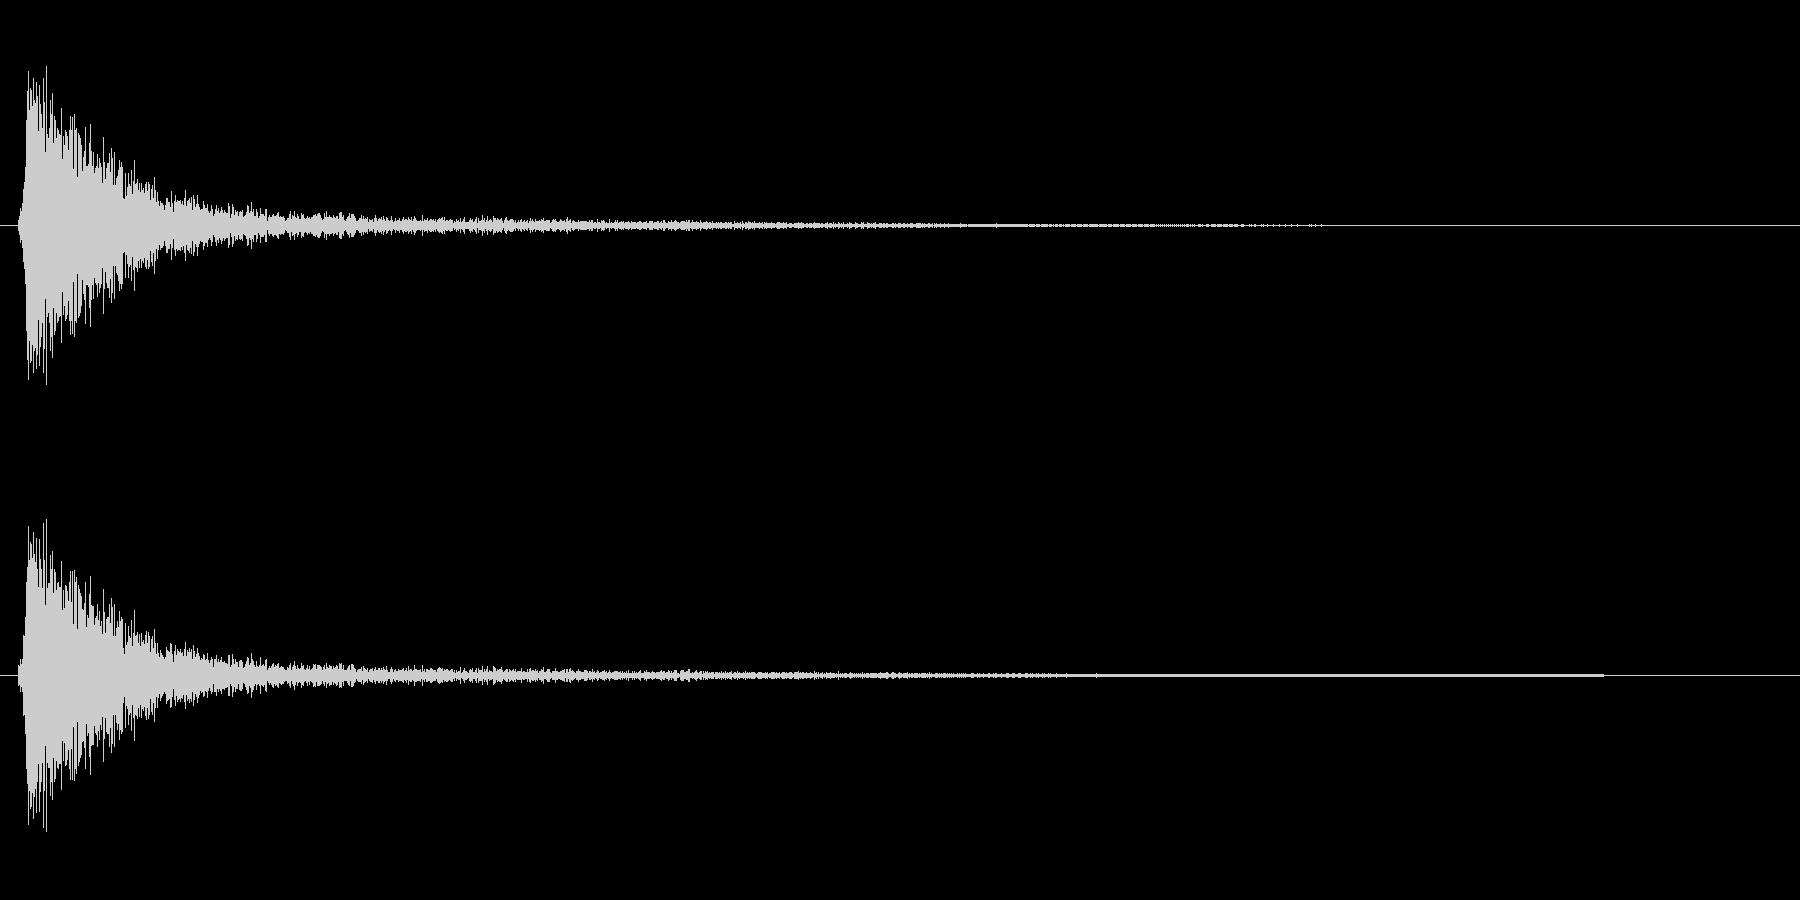 パシッ(軽いビンタの音)の未再生の波形